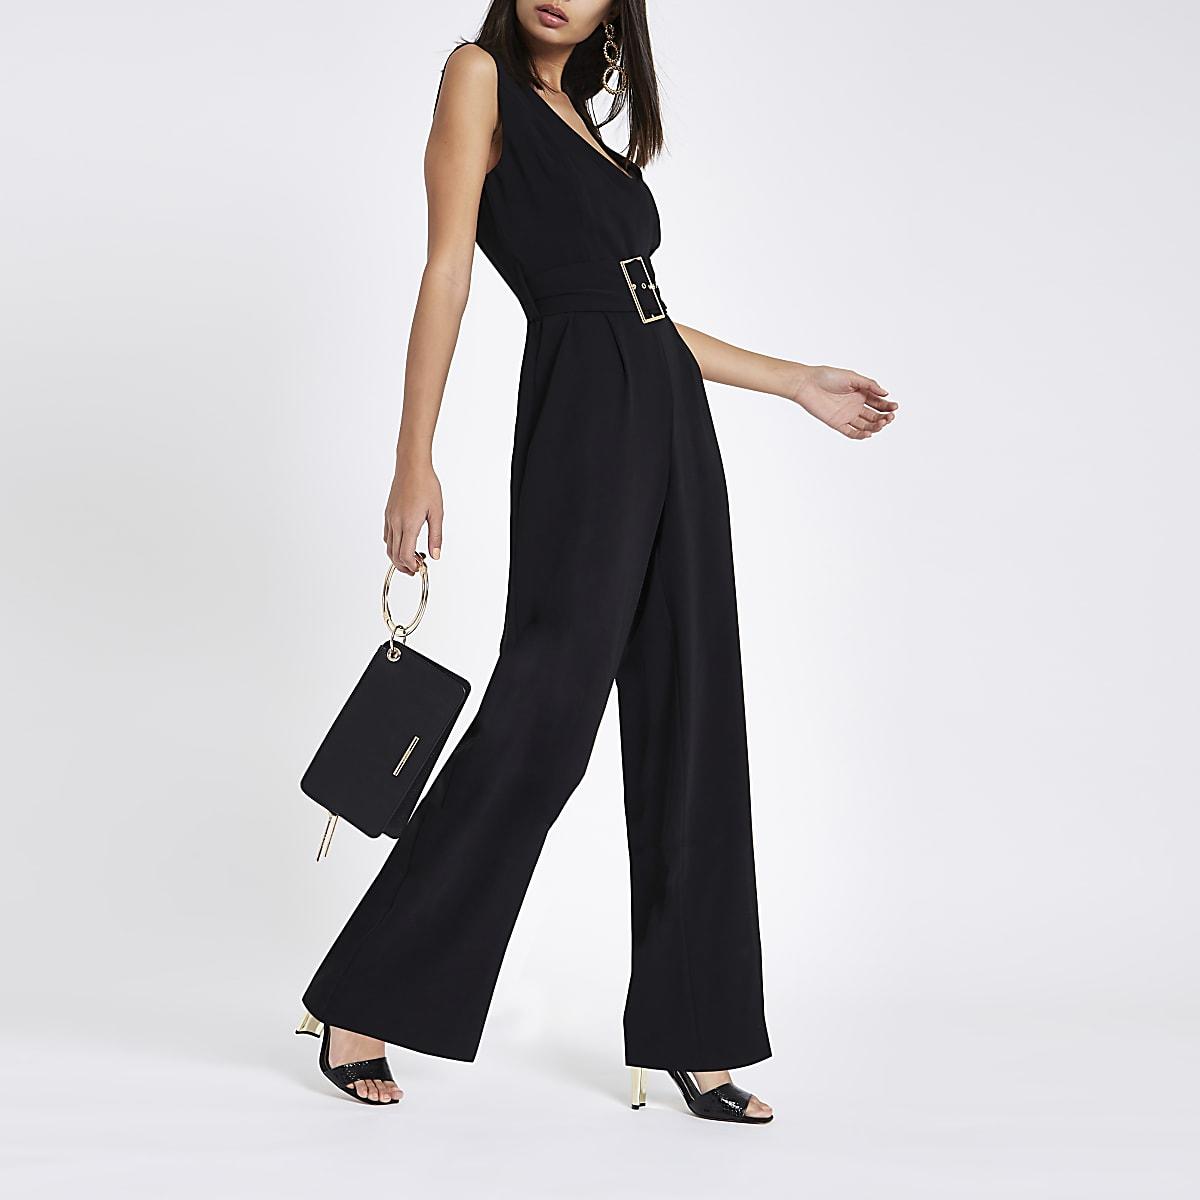 f0426d76019 Black wide leg belted jumpsuit - Jumpsuits - Playsuits   Jumpsuits - women